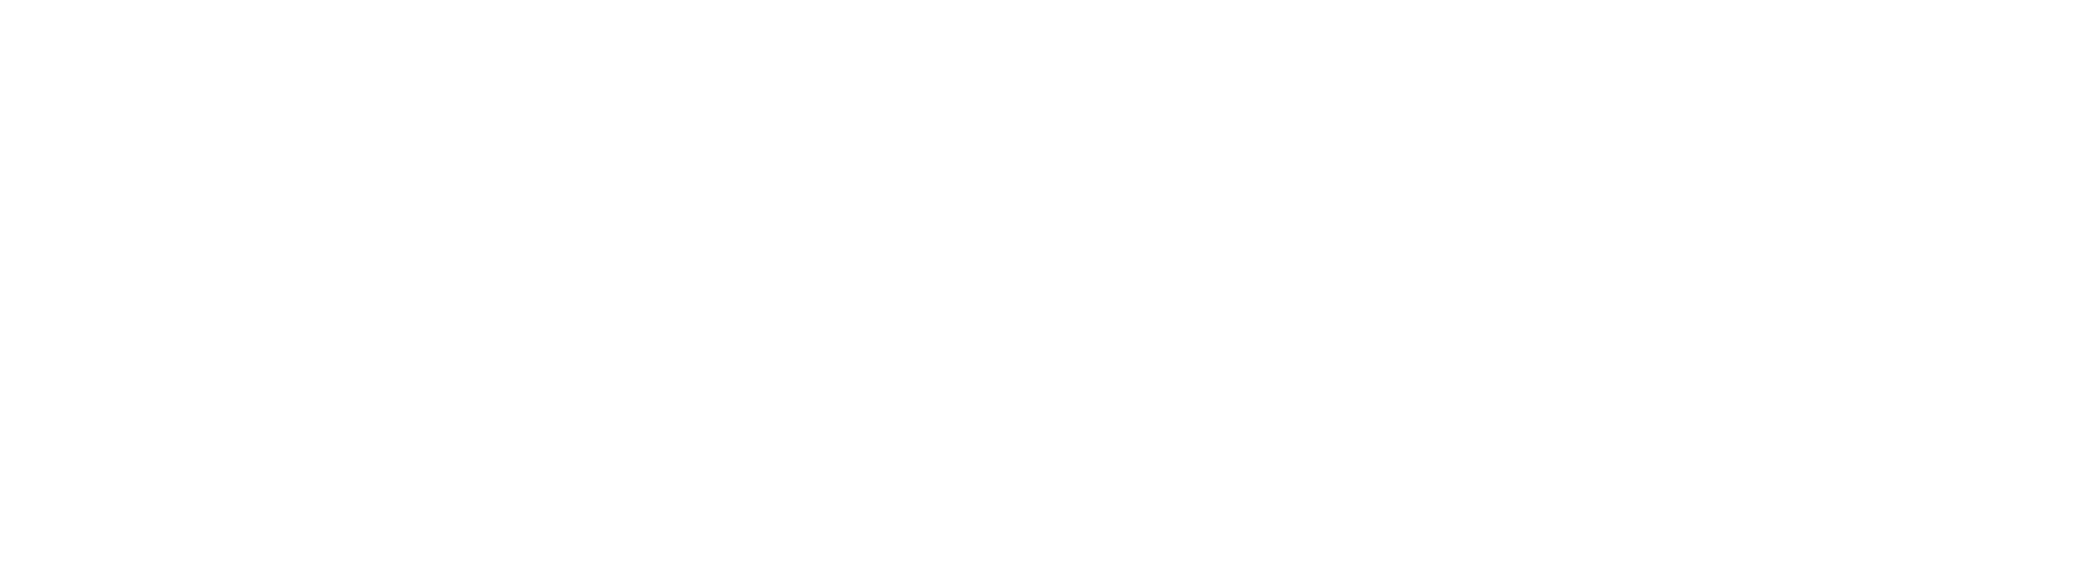 AL-THIQAH